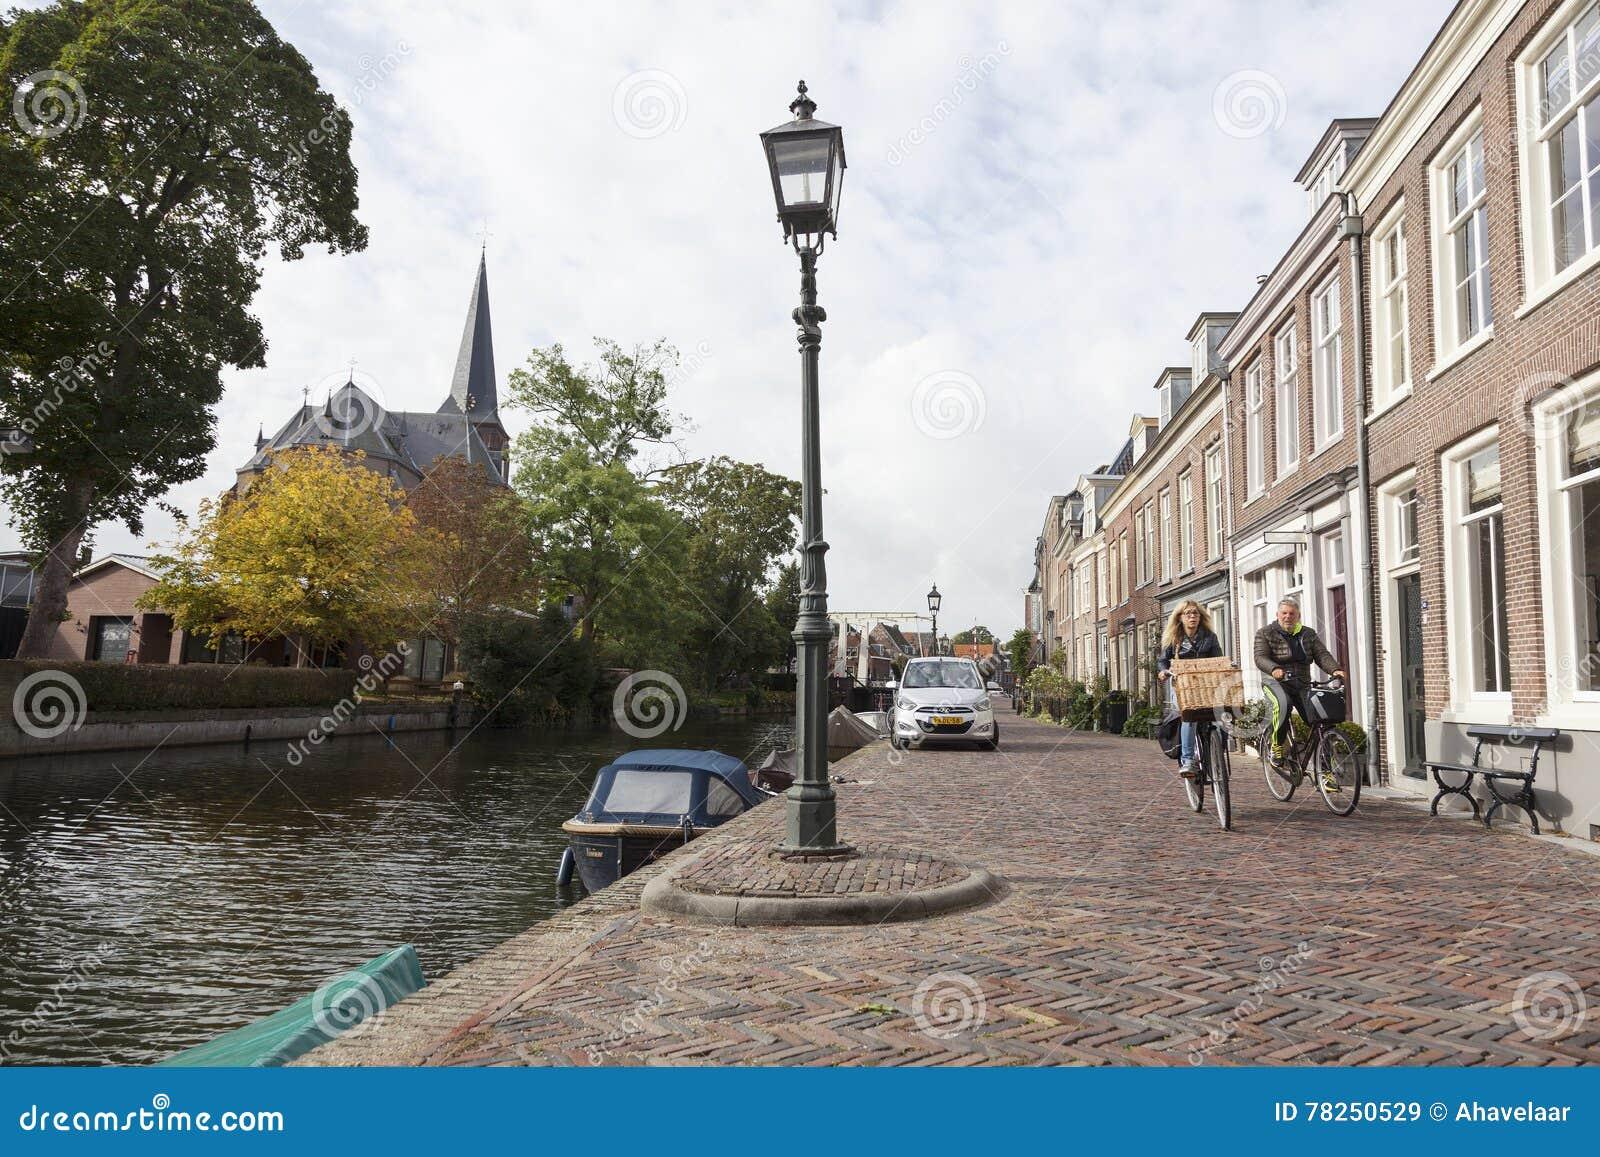 Ζεύγος στο ποδήλατο στο ανάχωμα του ποταμού Vecht στο ολλανδικό vill